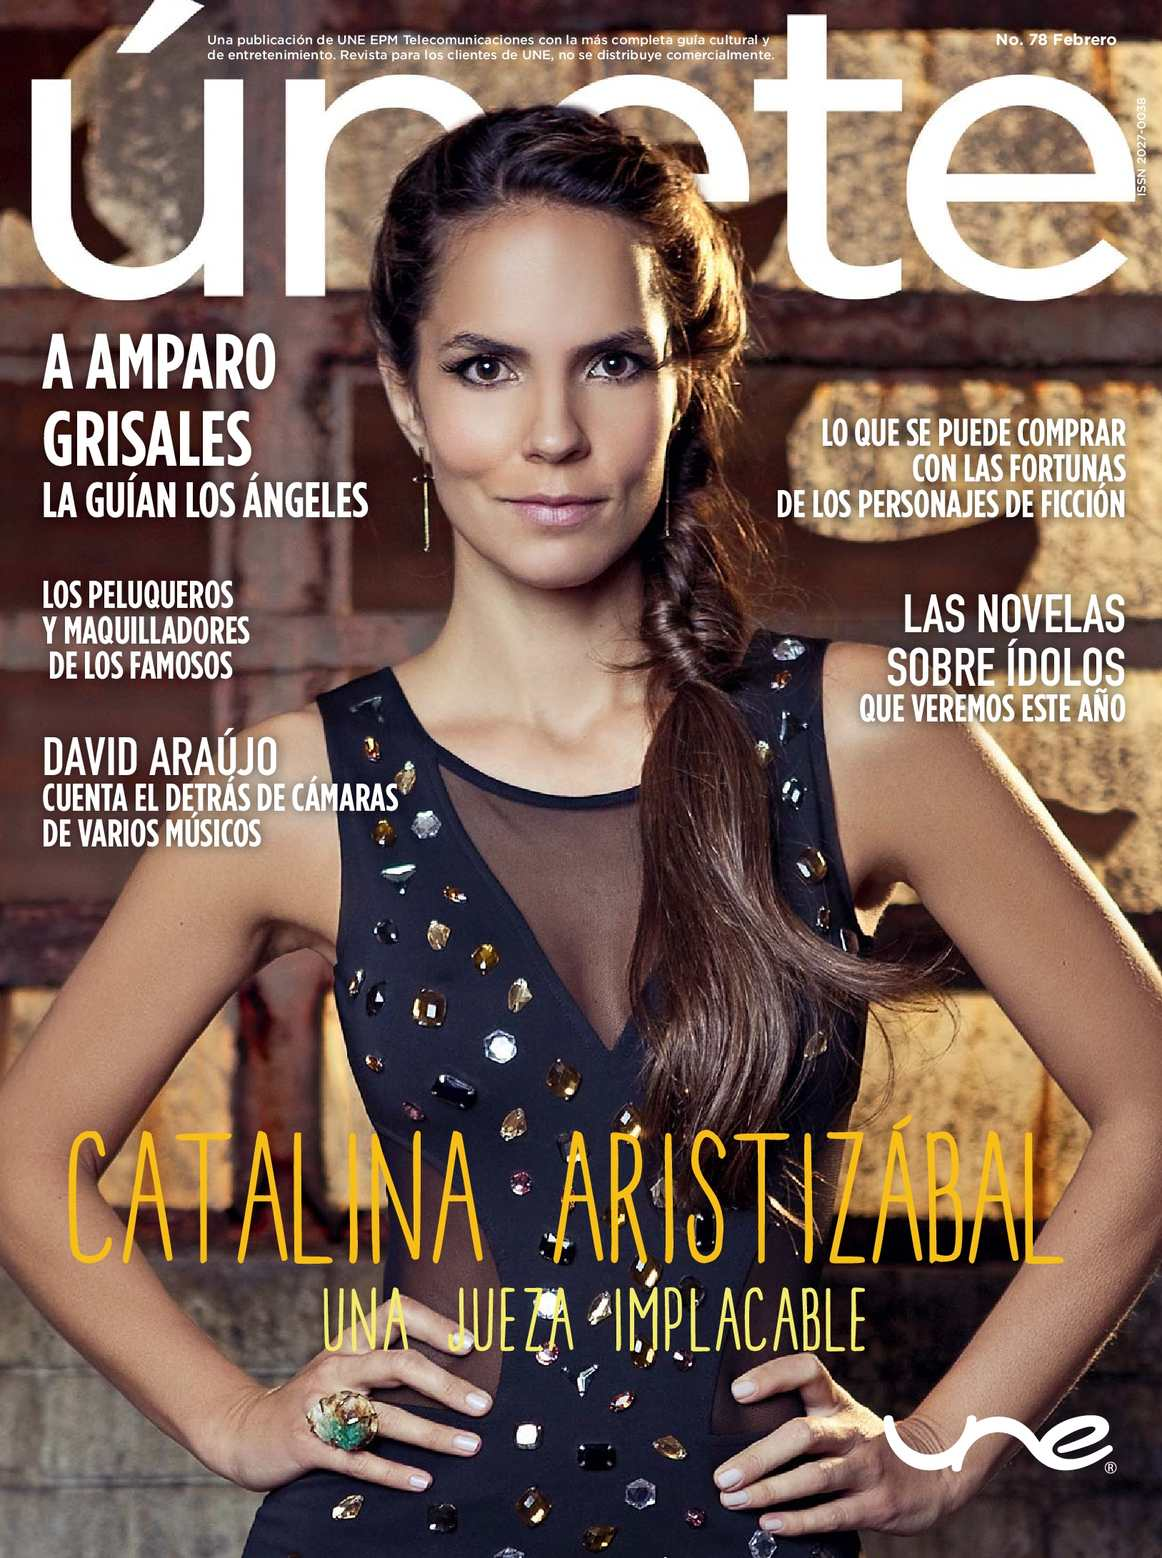 Calaméo - Edición 78   Febrero 2014 - Revista Únete 36878d2c7800